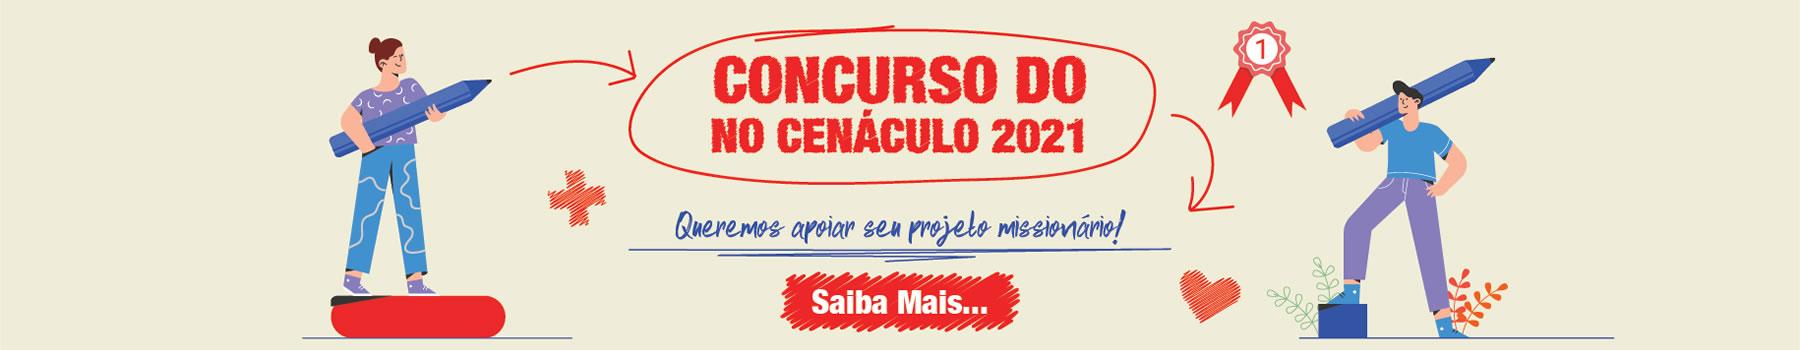 Concurso no Cenáculo 2021